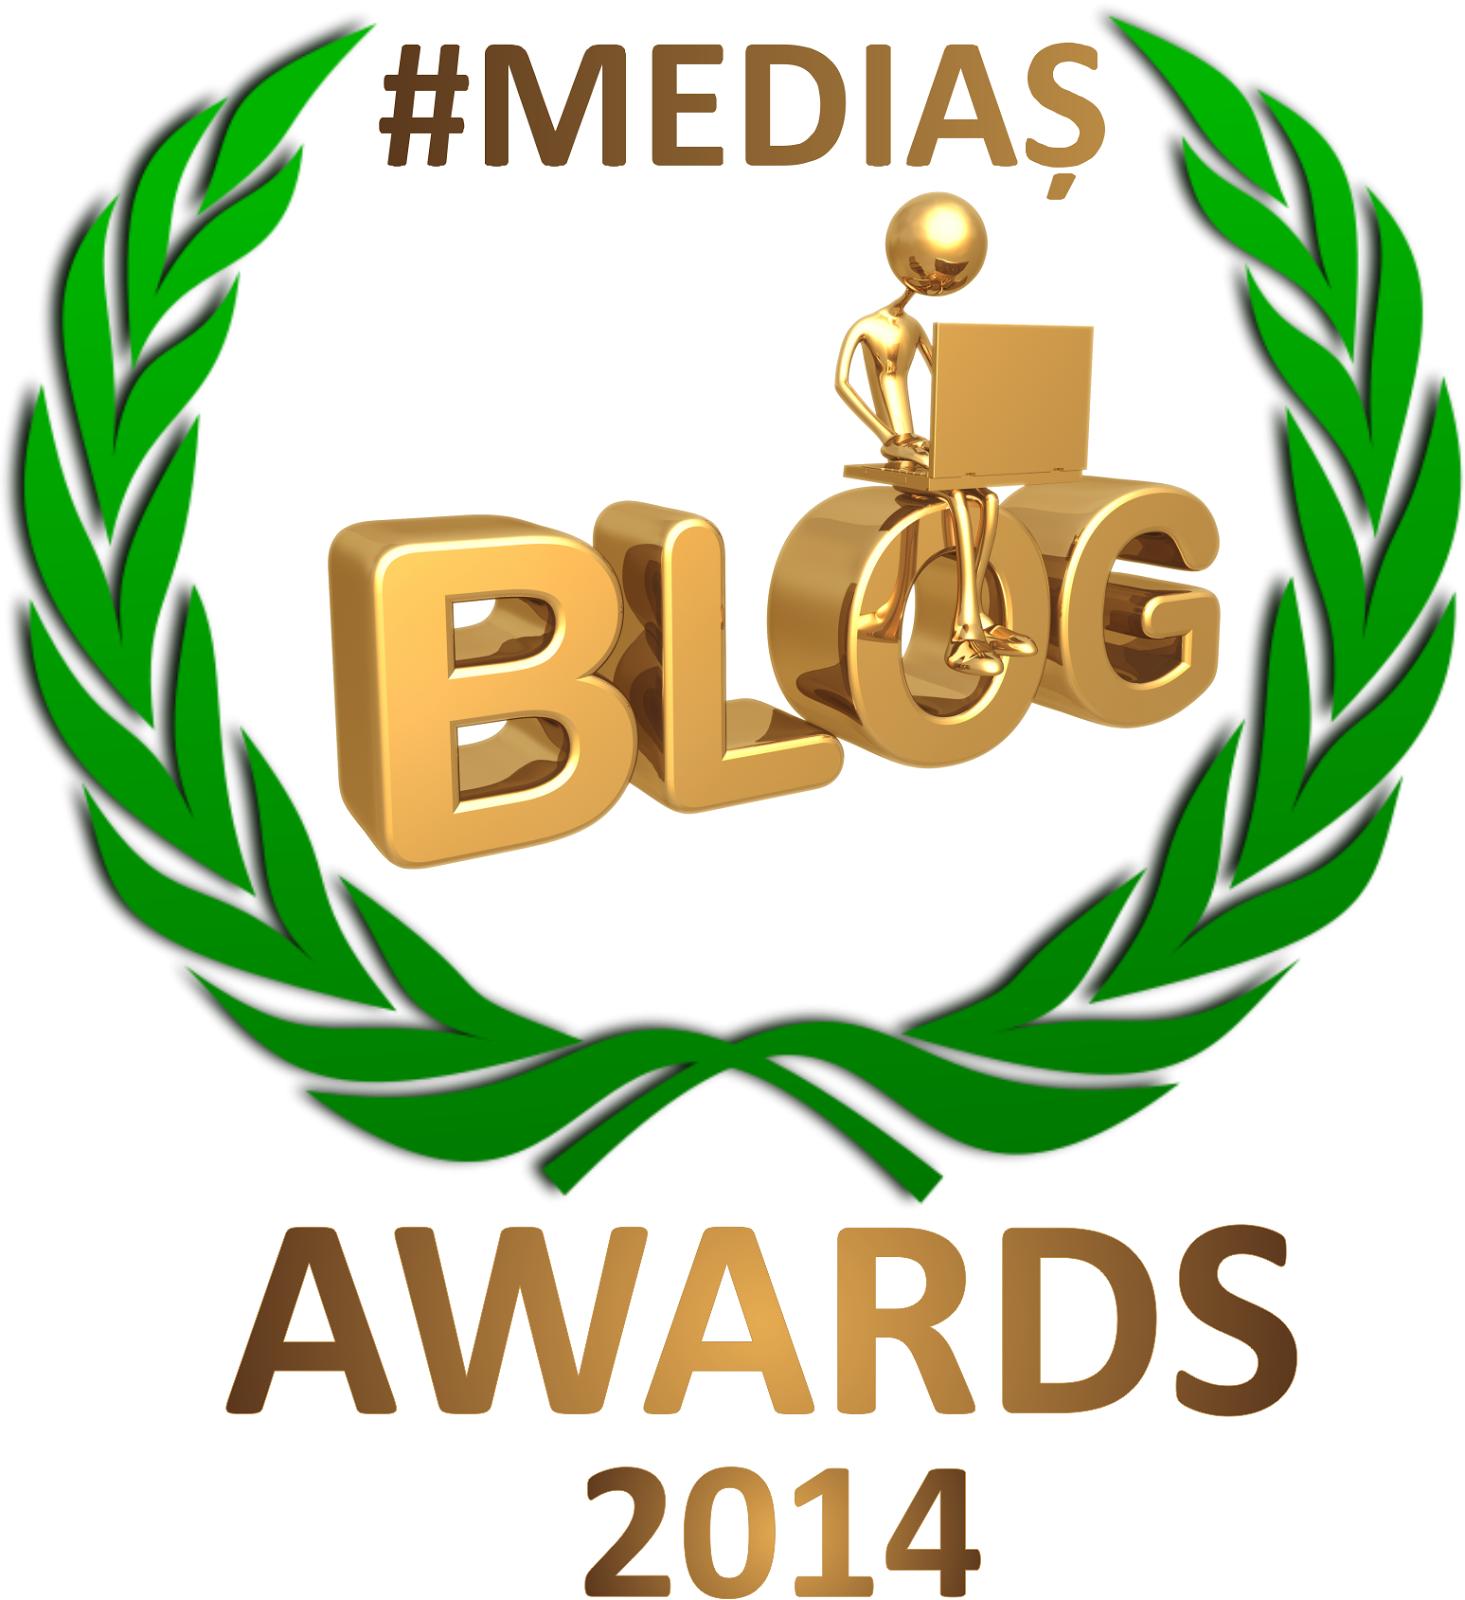 Medias Blog Awards 2014